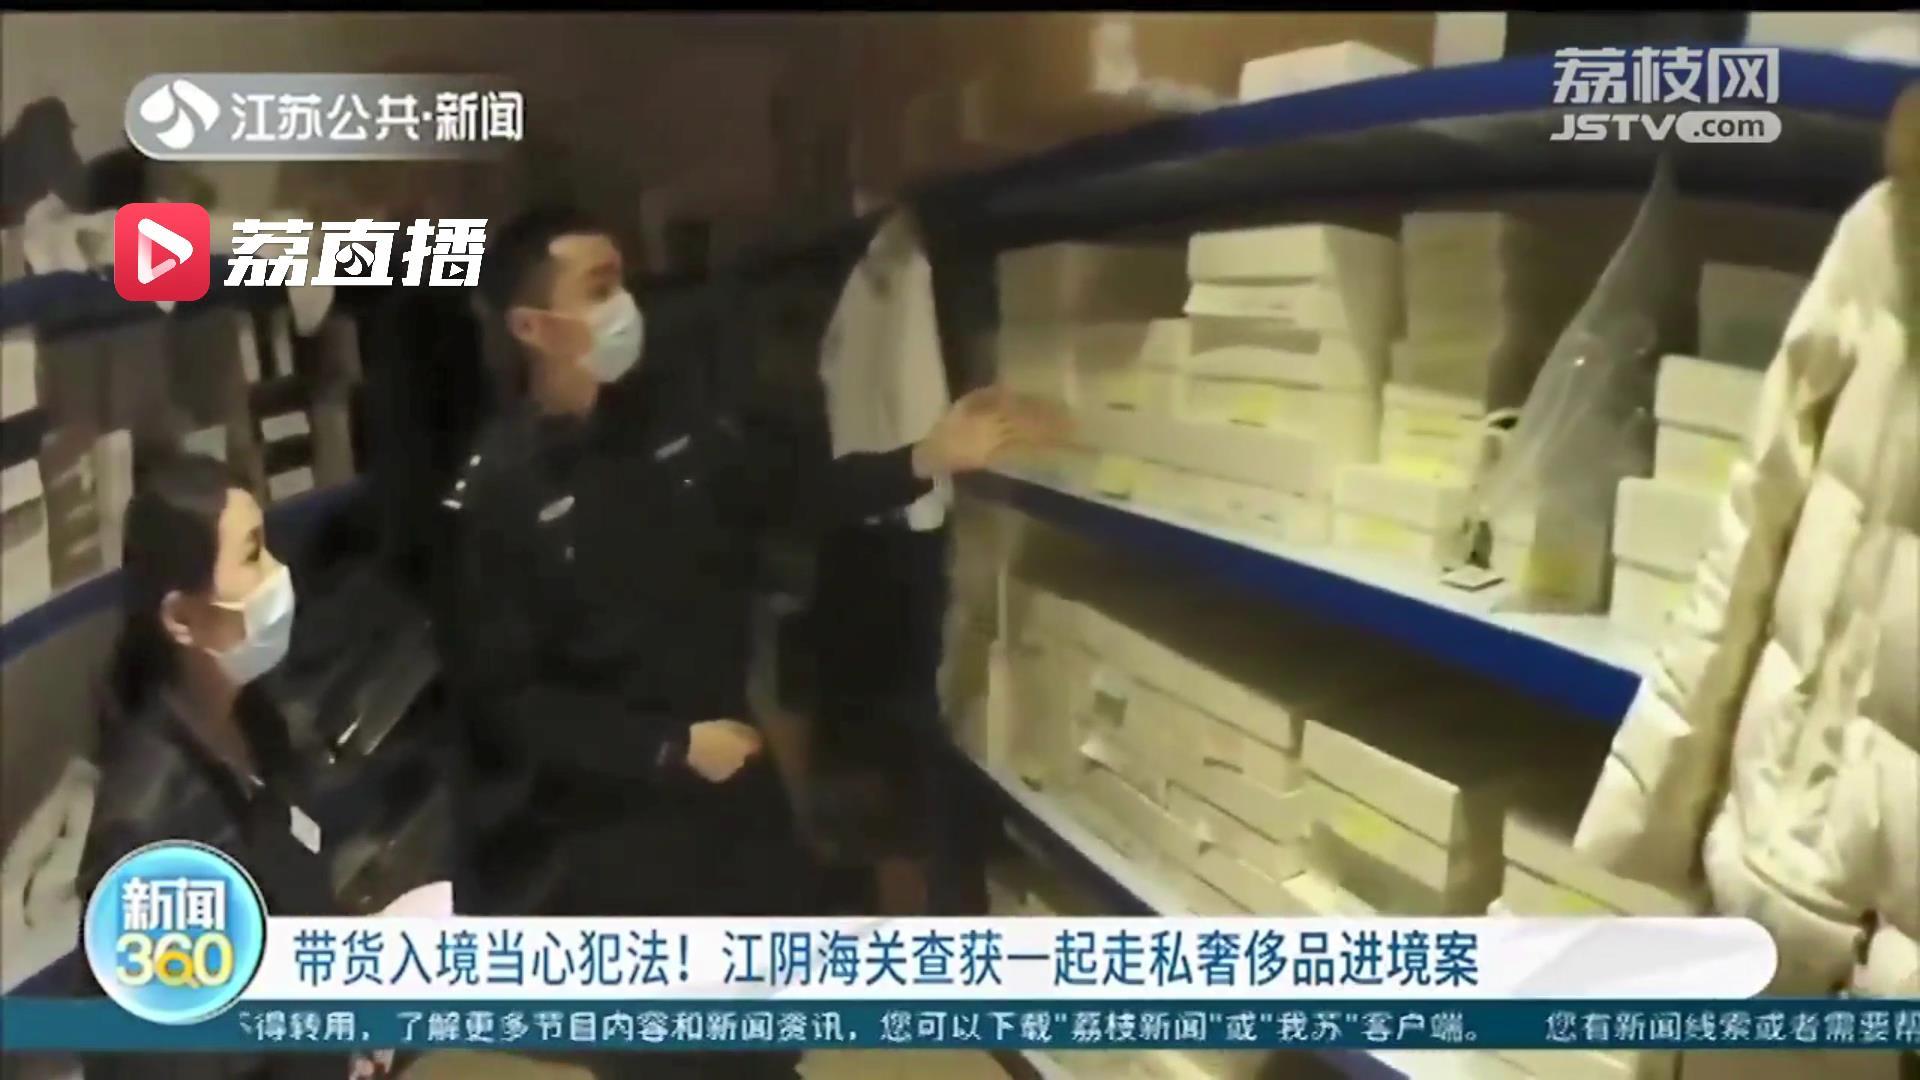 当心犯法!带货入境应依法申报 江阴海关查获一起走私奢侈品进境案